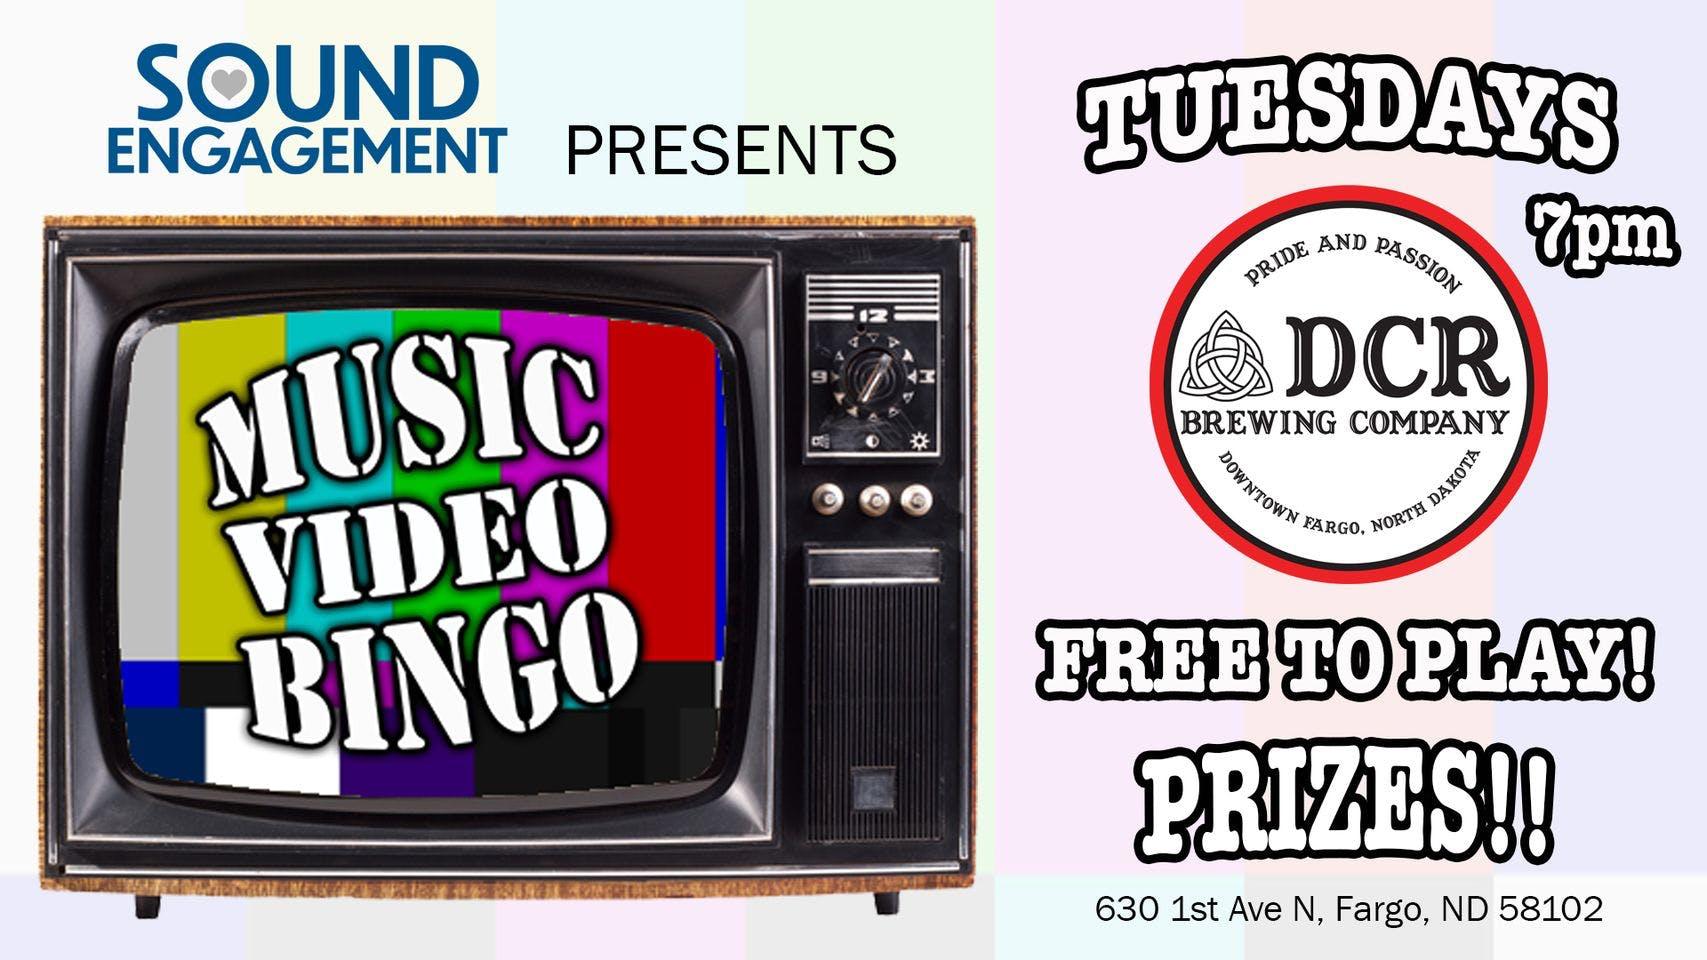 Music Video Bingo